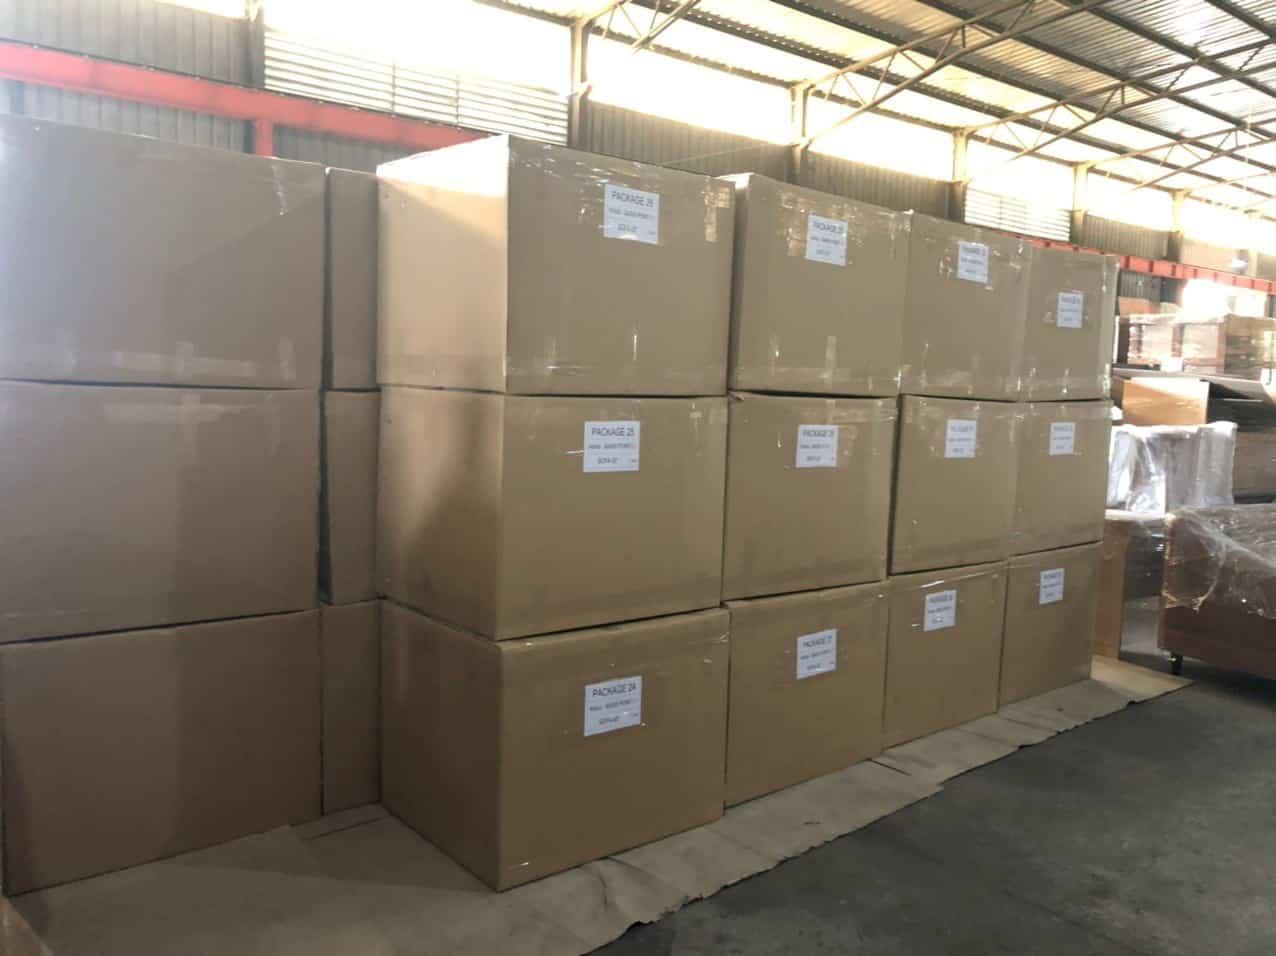 Hàng hóa gửi đi Campuchia từ TP.HCM tại kho Mekong Logistics